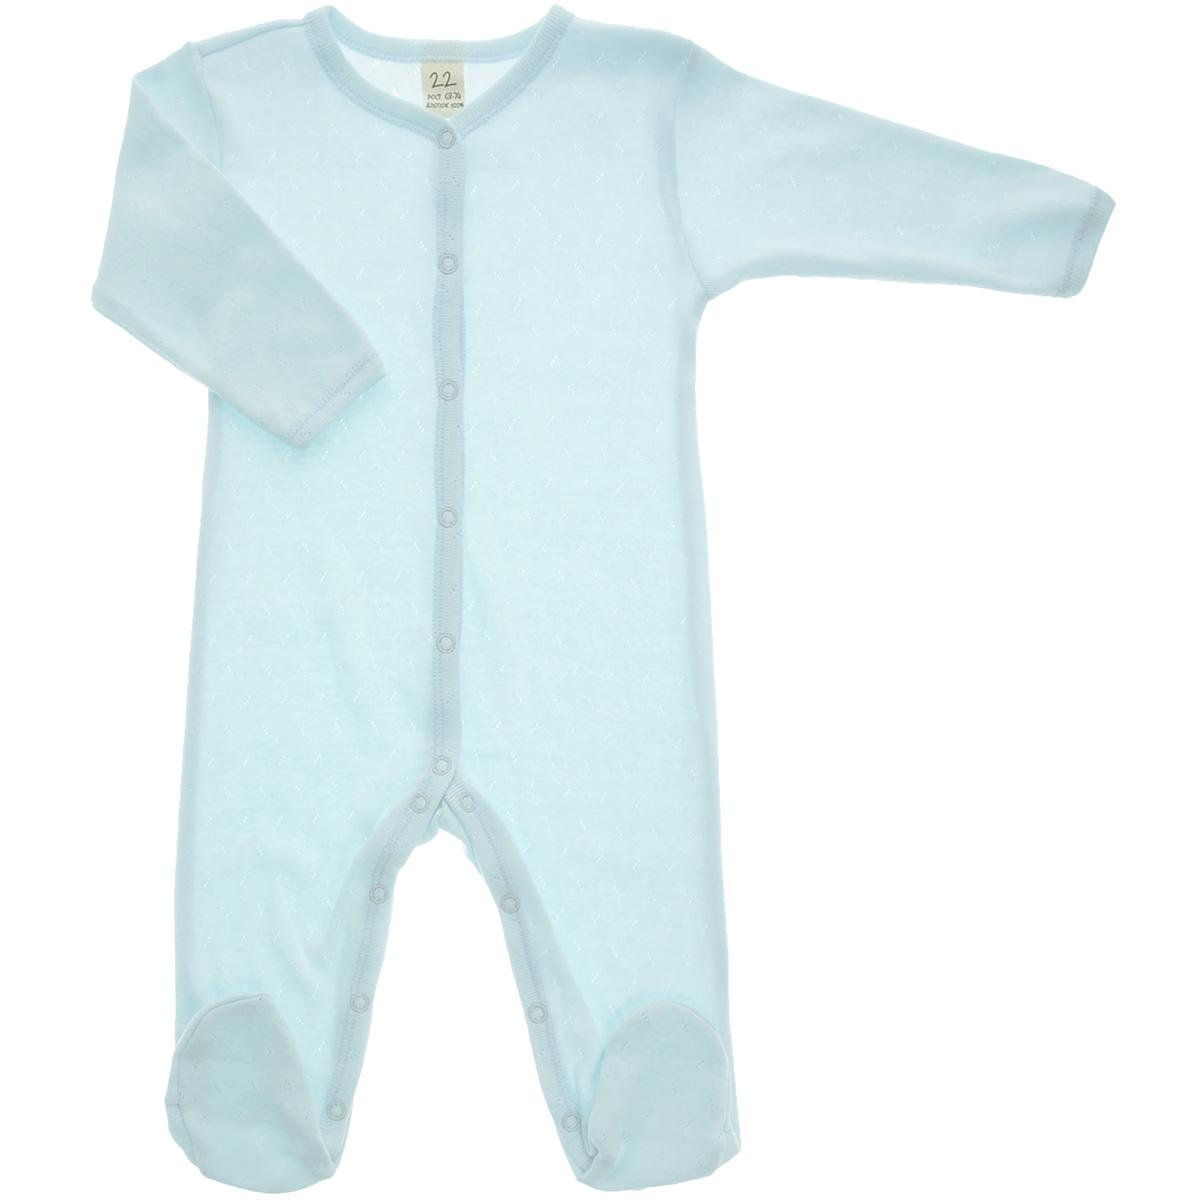 Комбинезон детский Lucky Child Ажур, цвет: голубой. 0-12. Размер 50/560-12Детский комбинезон Lucky Child - очень удобный и практичный вид одежды для малышей. Комбинезон выполнен из натурального хлопка, благодаря чему он необычайно мягкий и приятный на ощупь, не раздражают нежную кожу ребенка и хорошо вентилируются, а эластичные швы приятны телу малыша и не препятствуют его движениям. Комбинезон с длинными рукавами и закрытыми ножками имеет застежки-кнопки от горловины до щиколоток, которые помогают легко переодеть младенца или сменить подгузник.Модель выполнена из ткани с ажурным узором. С детским комбинезоном Lucky Child спинка и ножки вашего малыша всегда будут в тепле, он идеален для использования днем и незаменим ночью. Комбинезон полностью соответствует особенностям жизни младенца в ранний период, не стесняя и не ограничивая его в движениях!